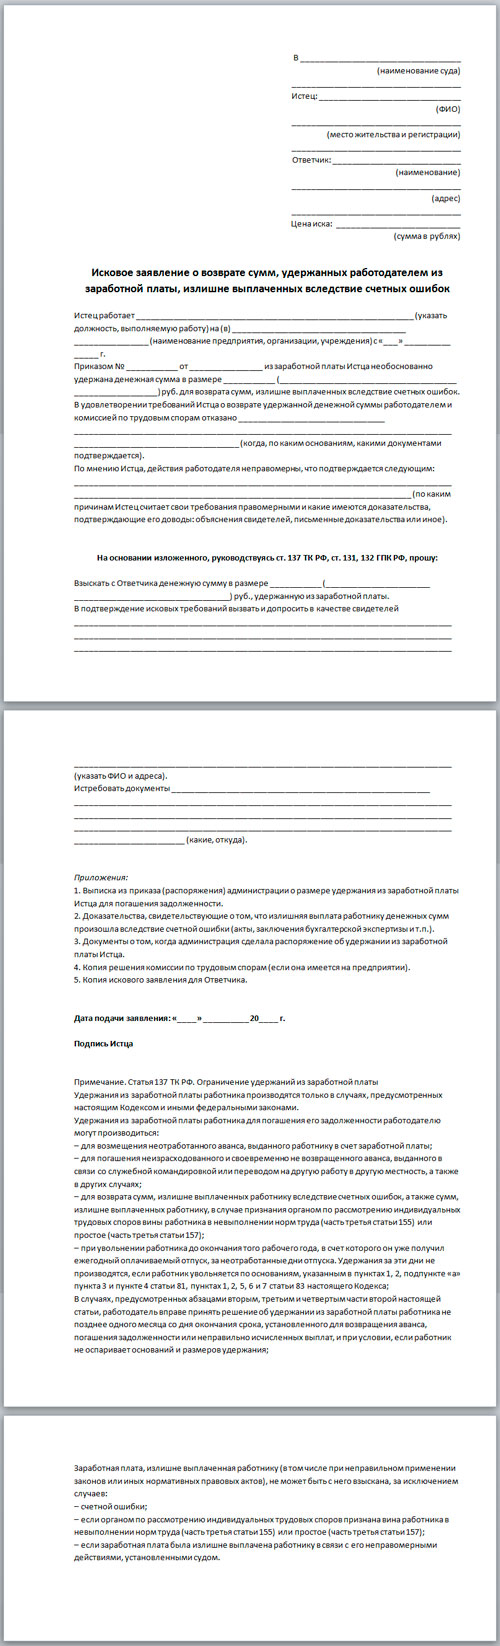 Заявление о возврате страховых взносов в связи с реорганизацией - 6